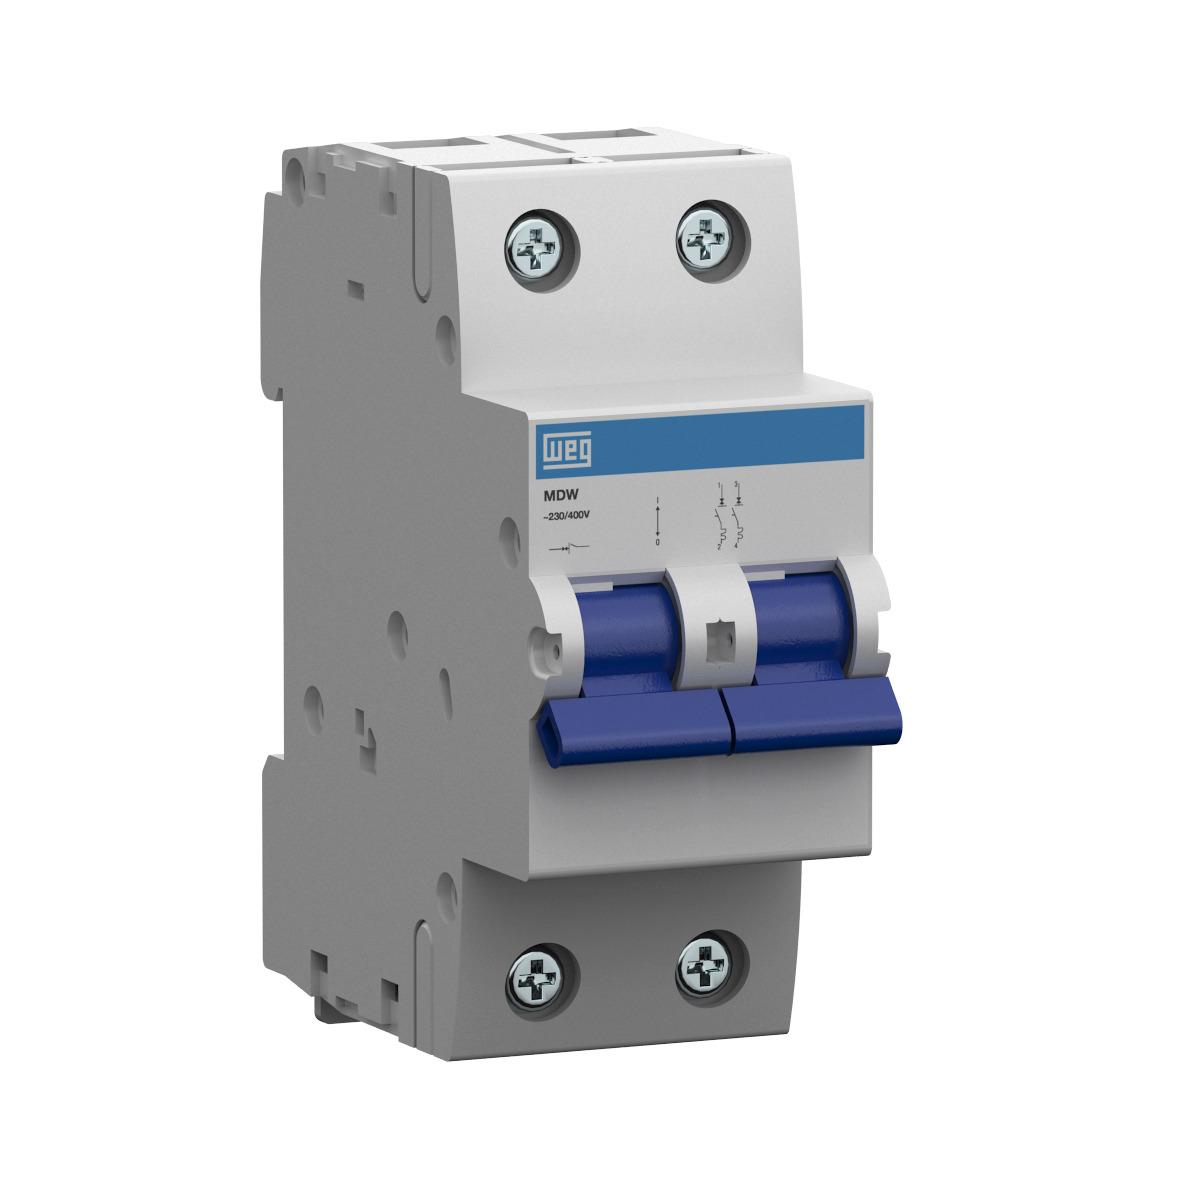 Minidisjuntor Termomagnético Weg Mdw-C10-2